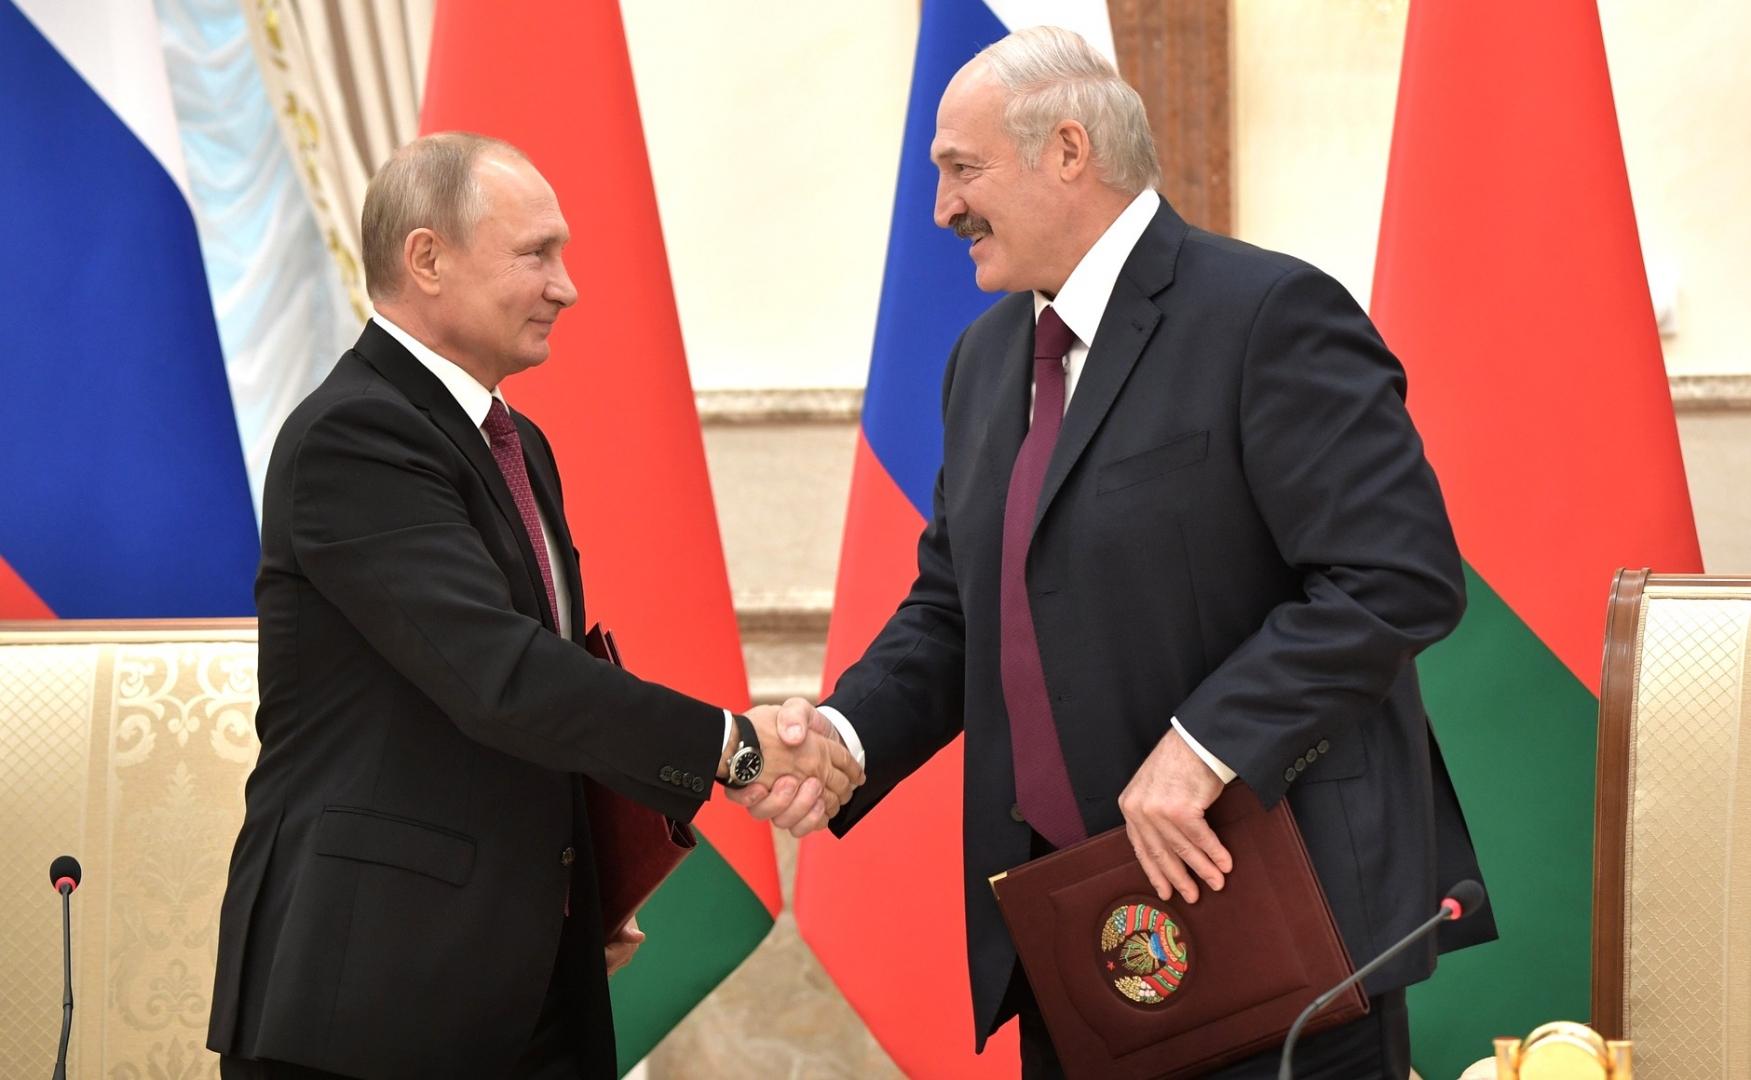 Лукашенко о слиянии РФ и Беларуси: глупо работать в этом направлении